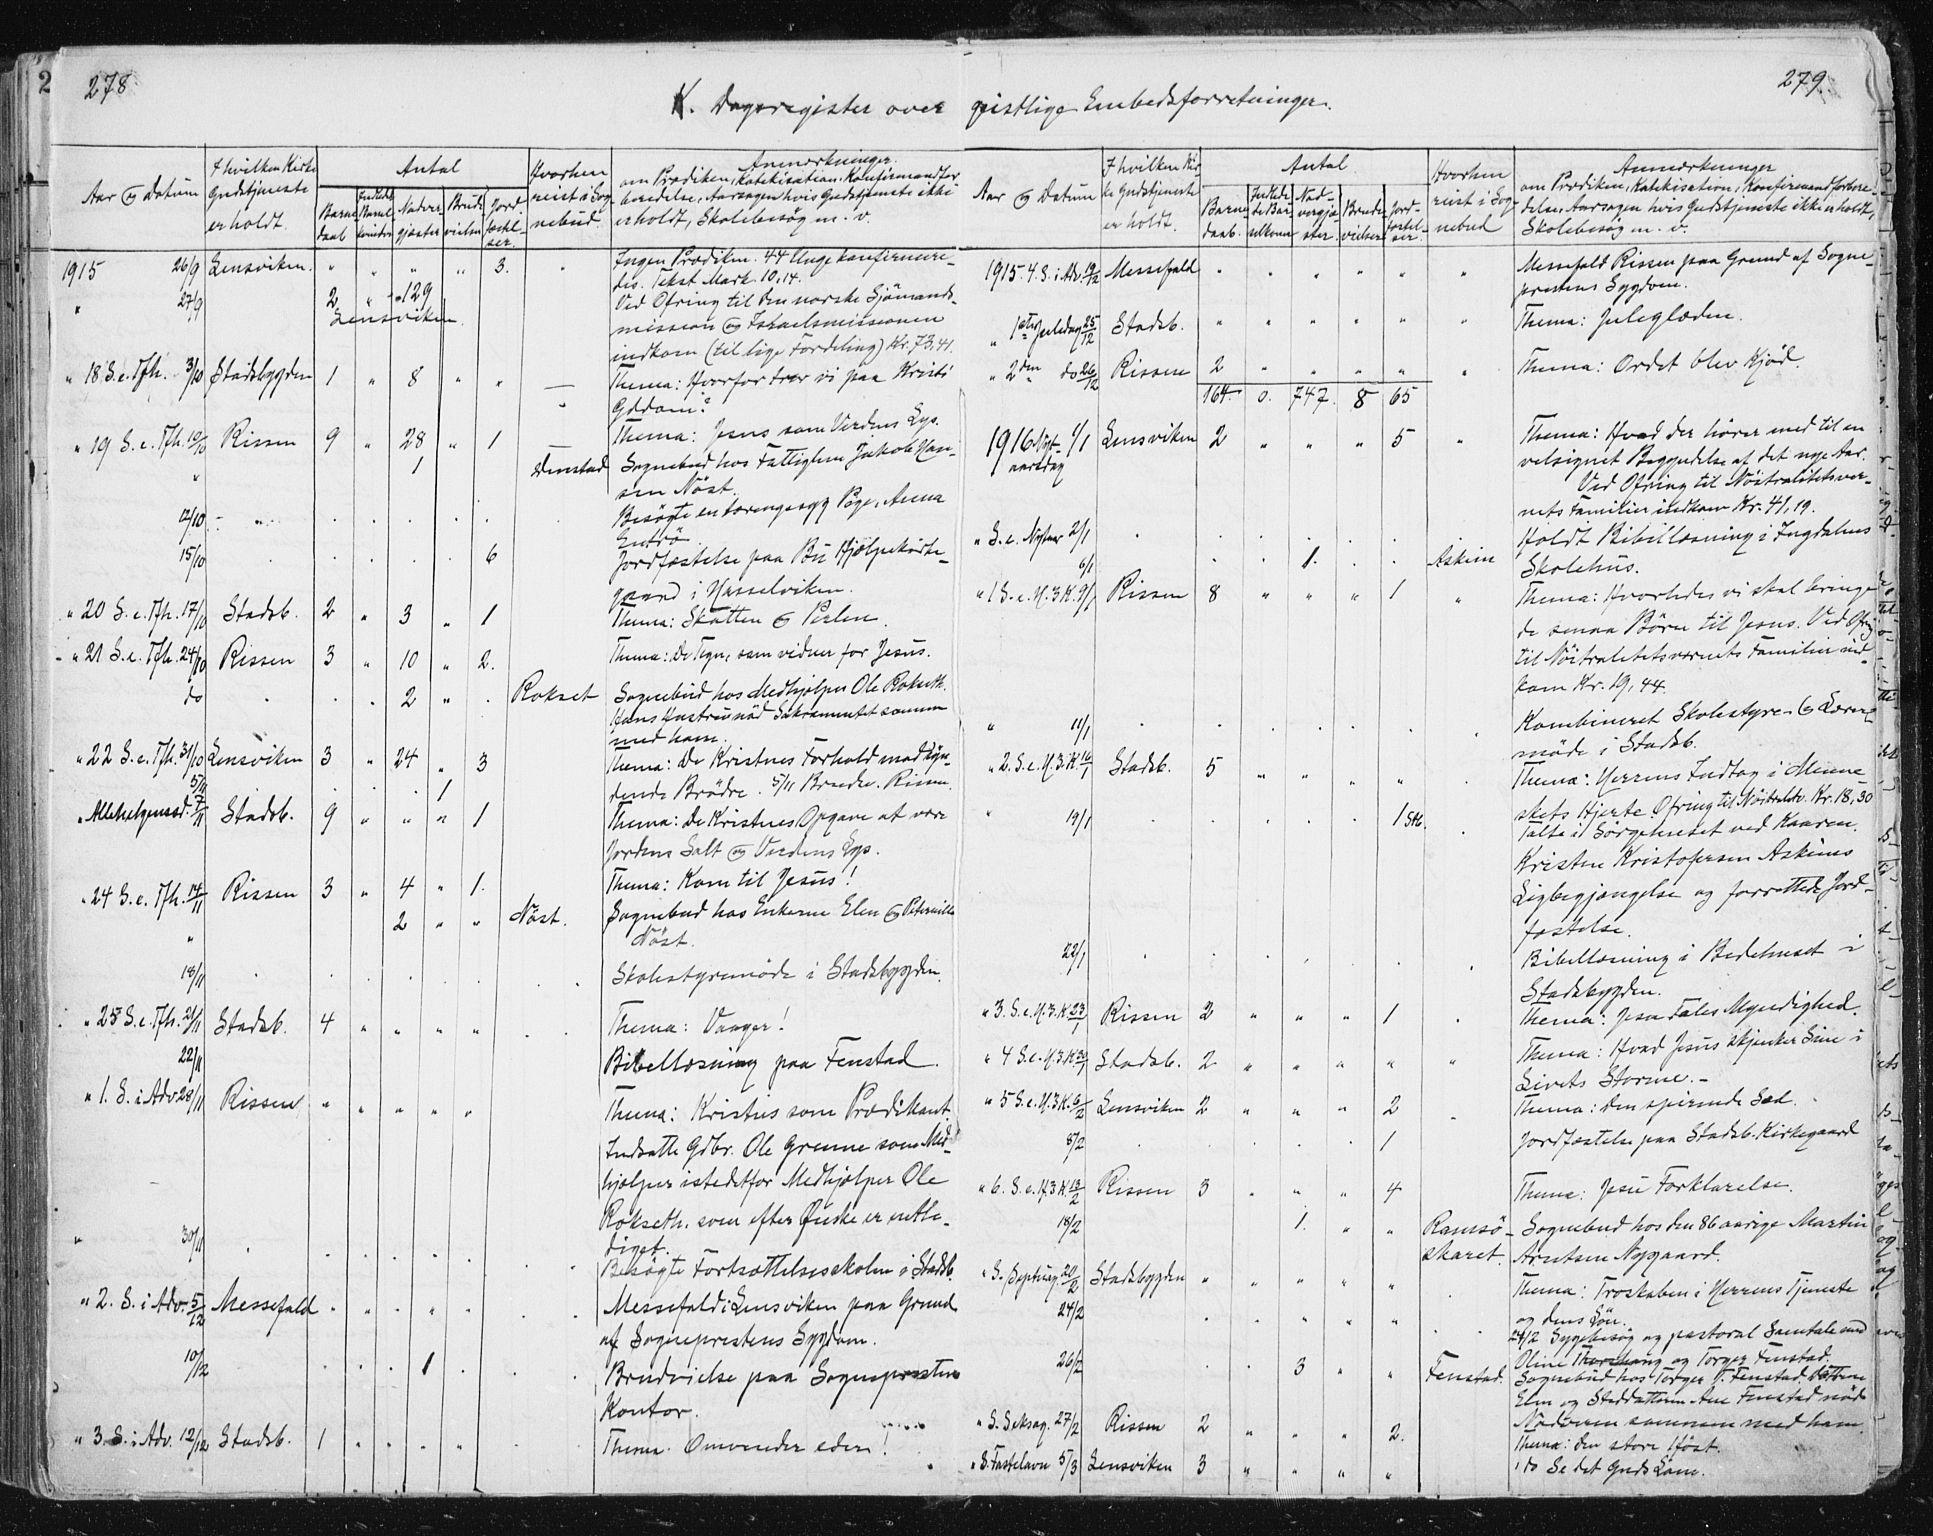 SAT, Ministerialprotokoller, klokkerbøker og fødselsregistre - Sør-Trøndelag, 646/L0616: Ministerialbok nr. 646A14, 1900-1918, s. 278-279